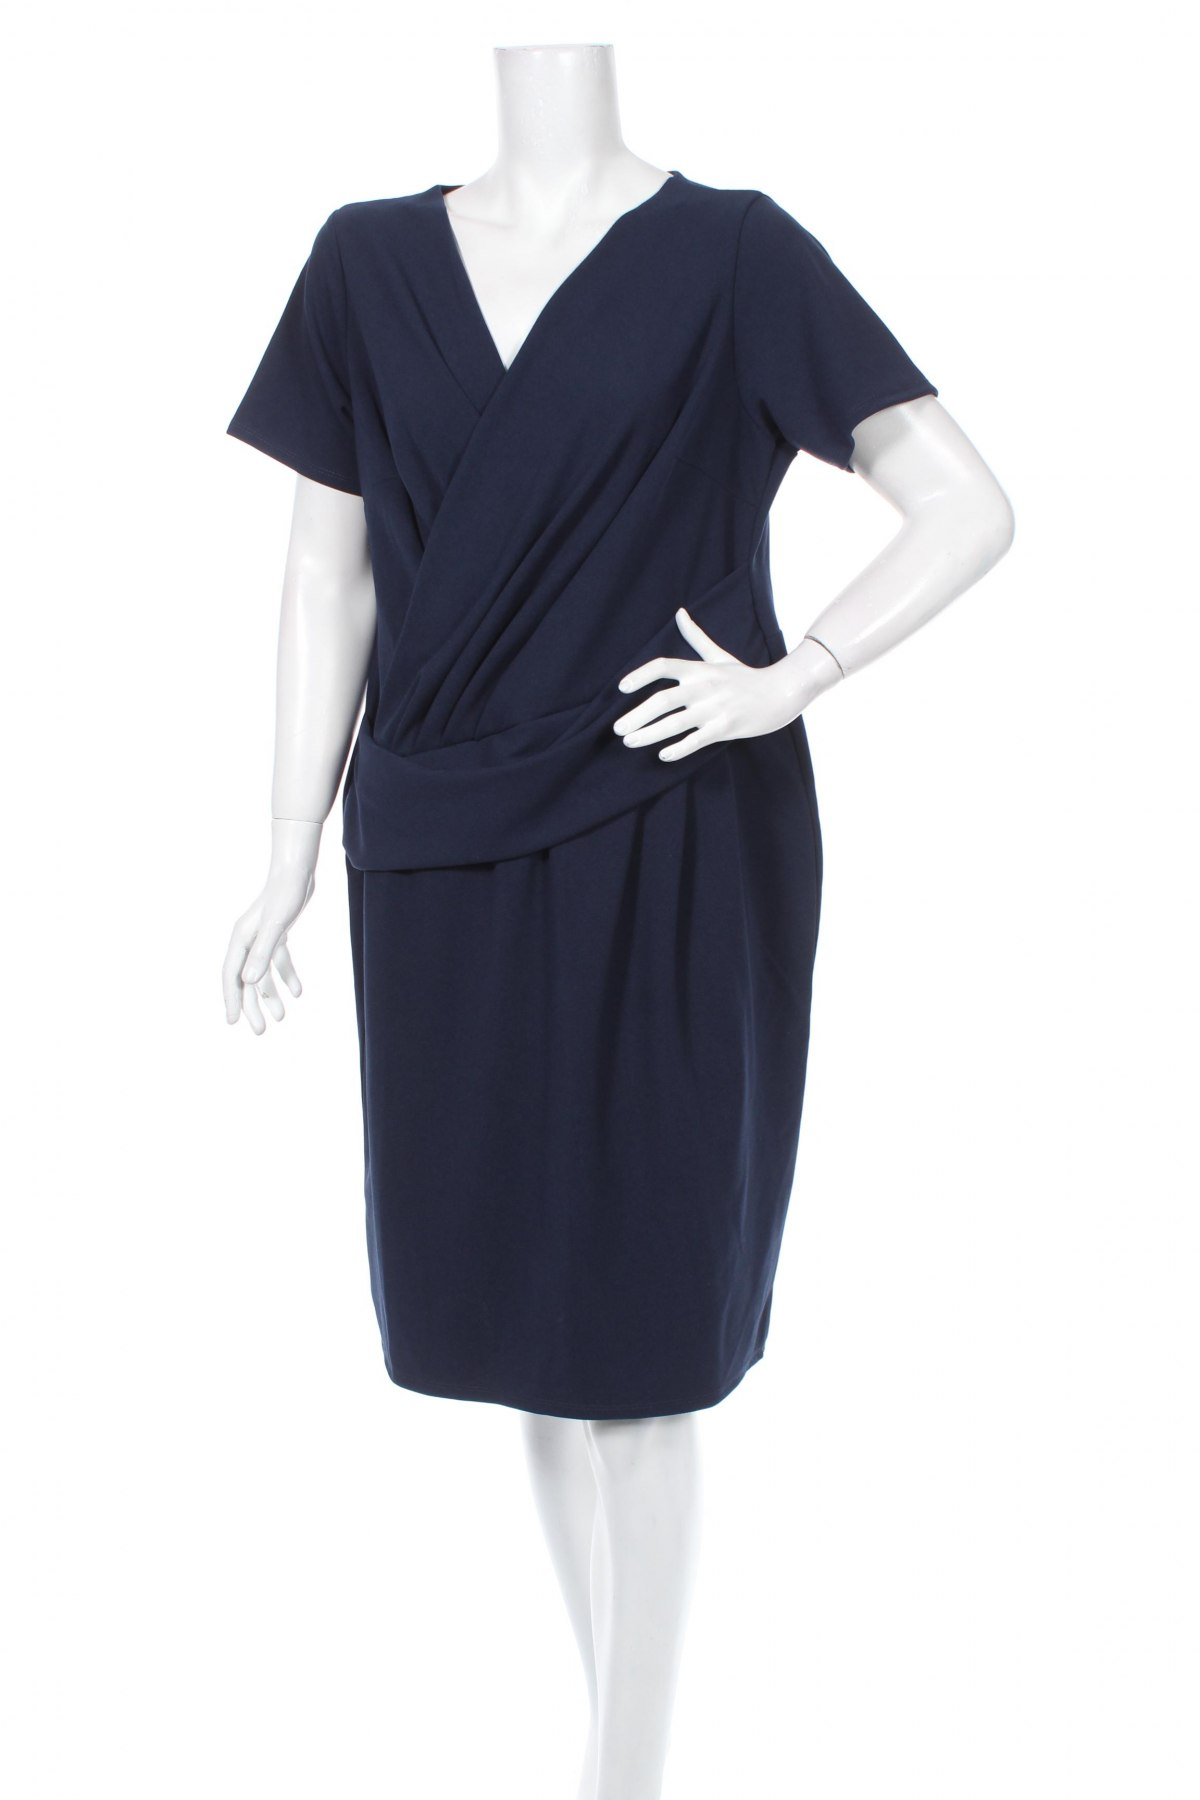 8cf001fd9a Női Ruhák, Alkalmi ruhák - vásároljon kedvező áron Remix boltban